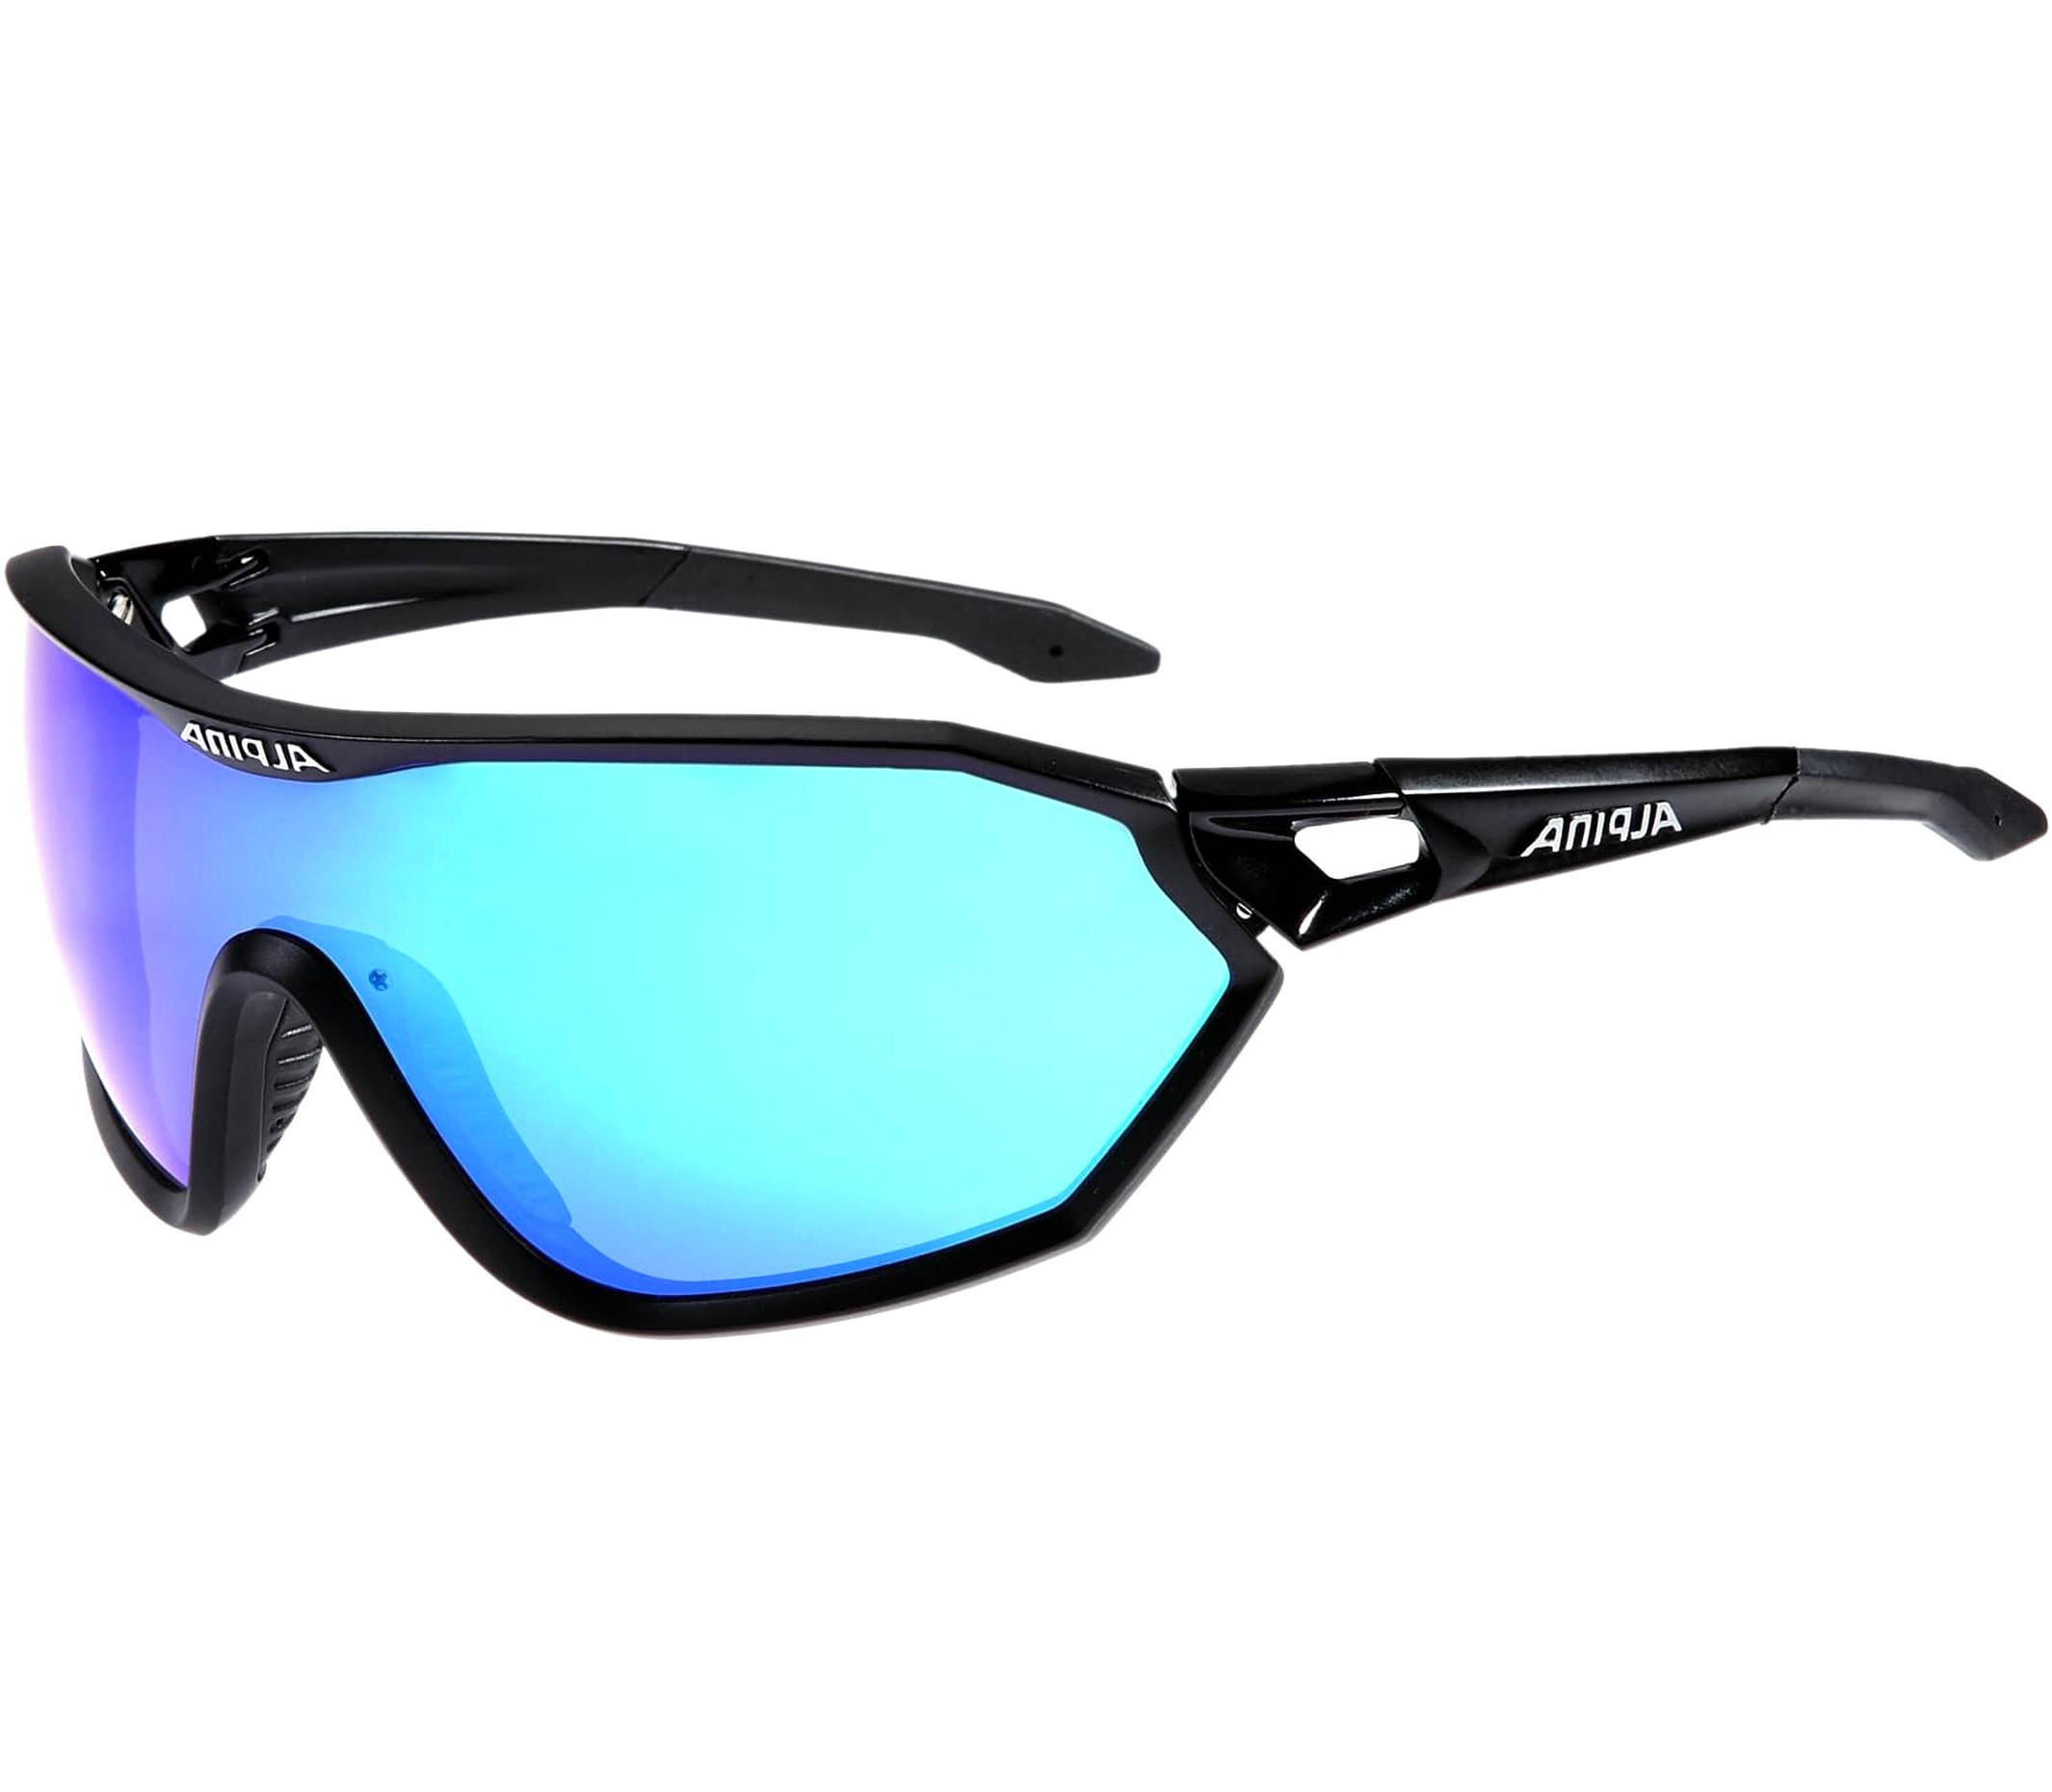 alpina brille gebraucht kaufen